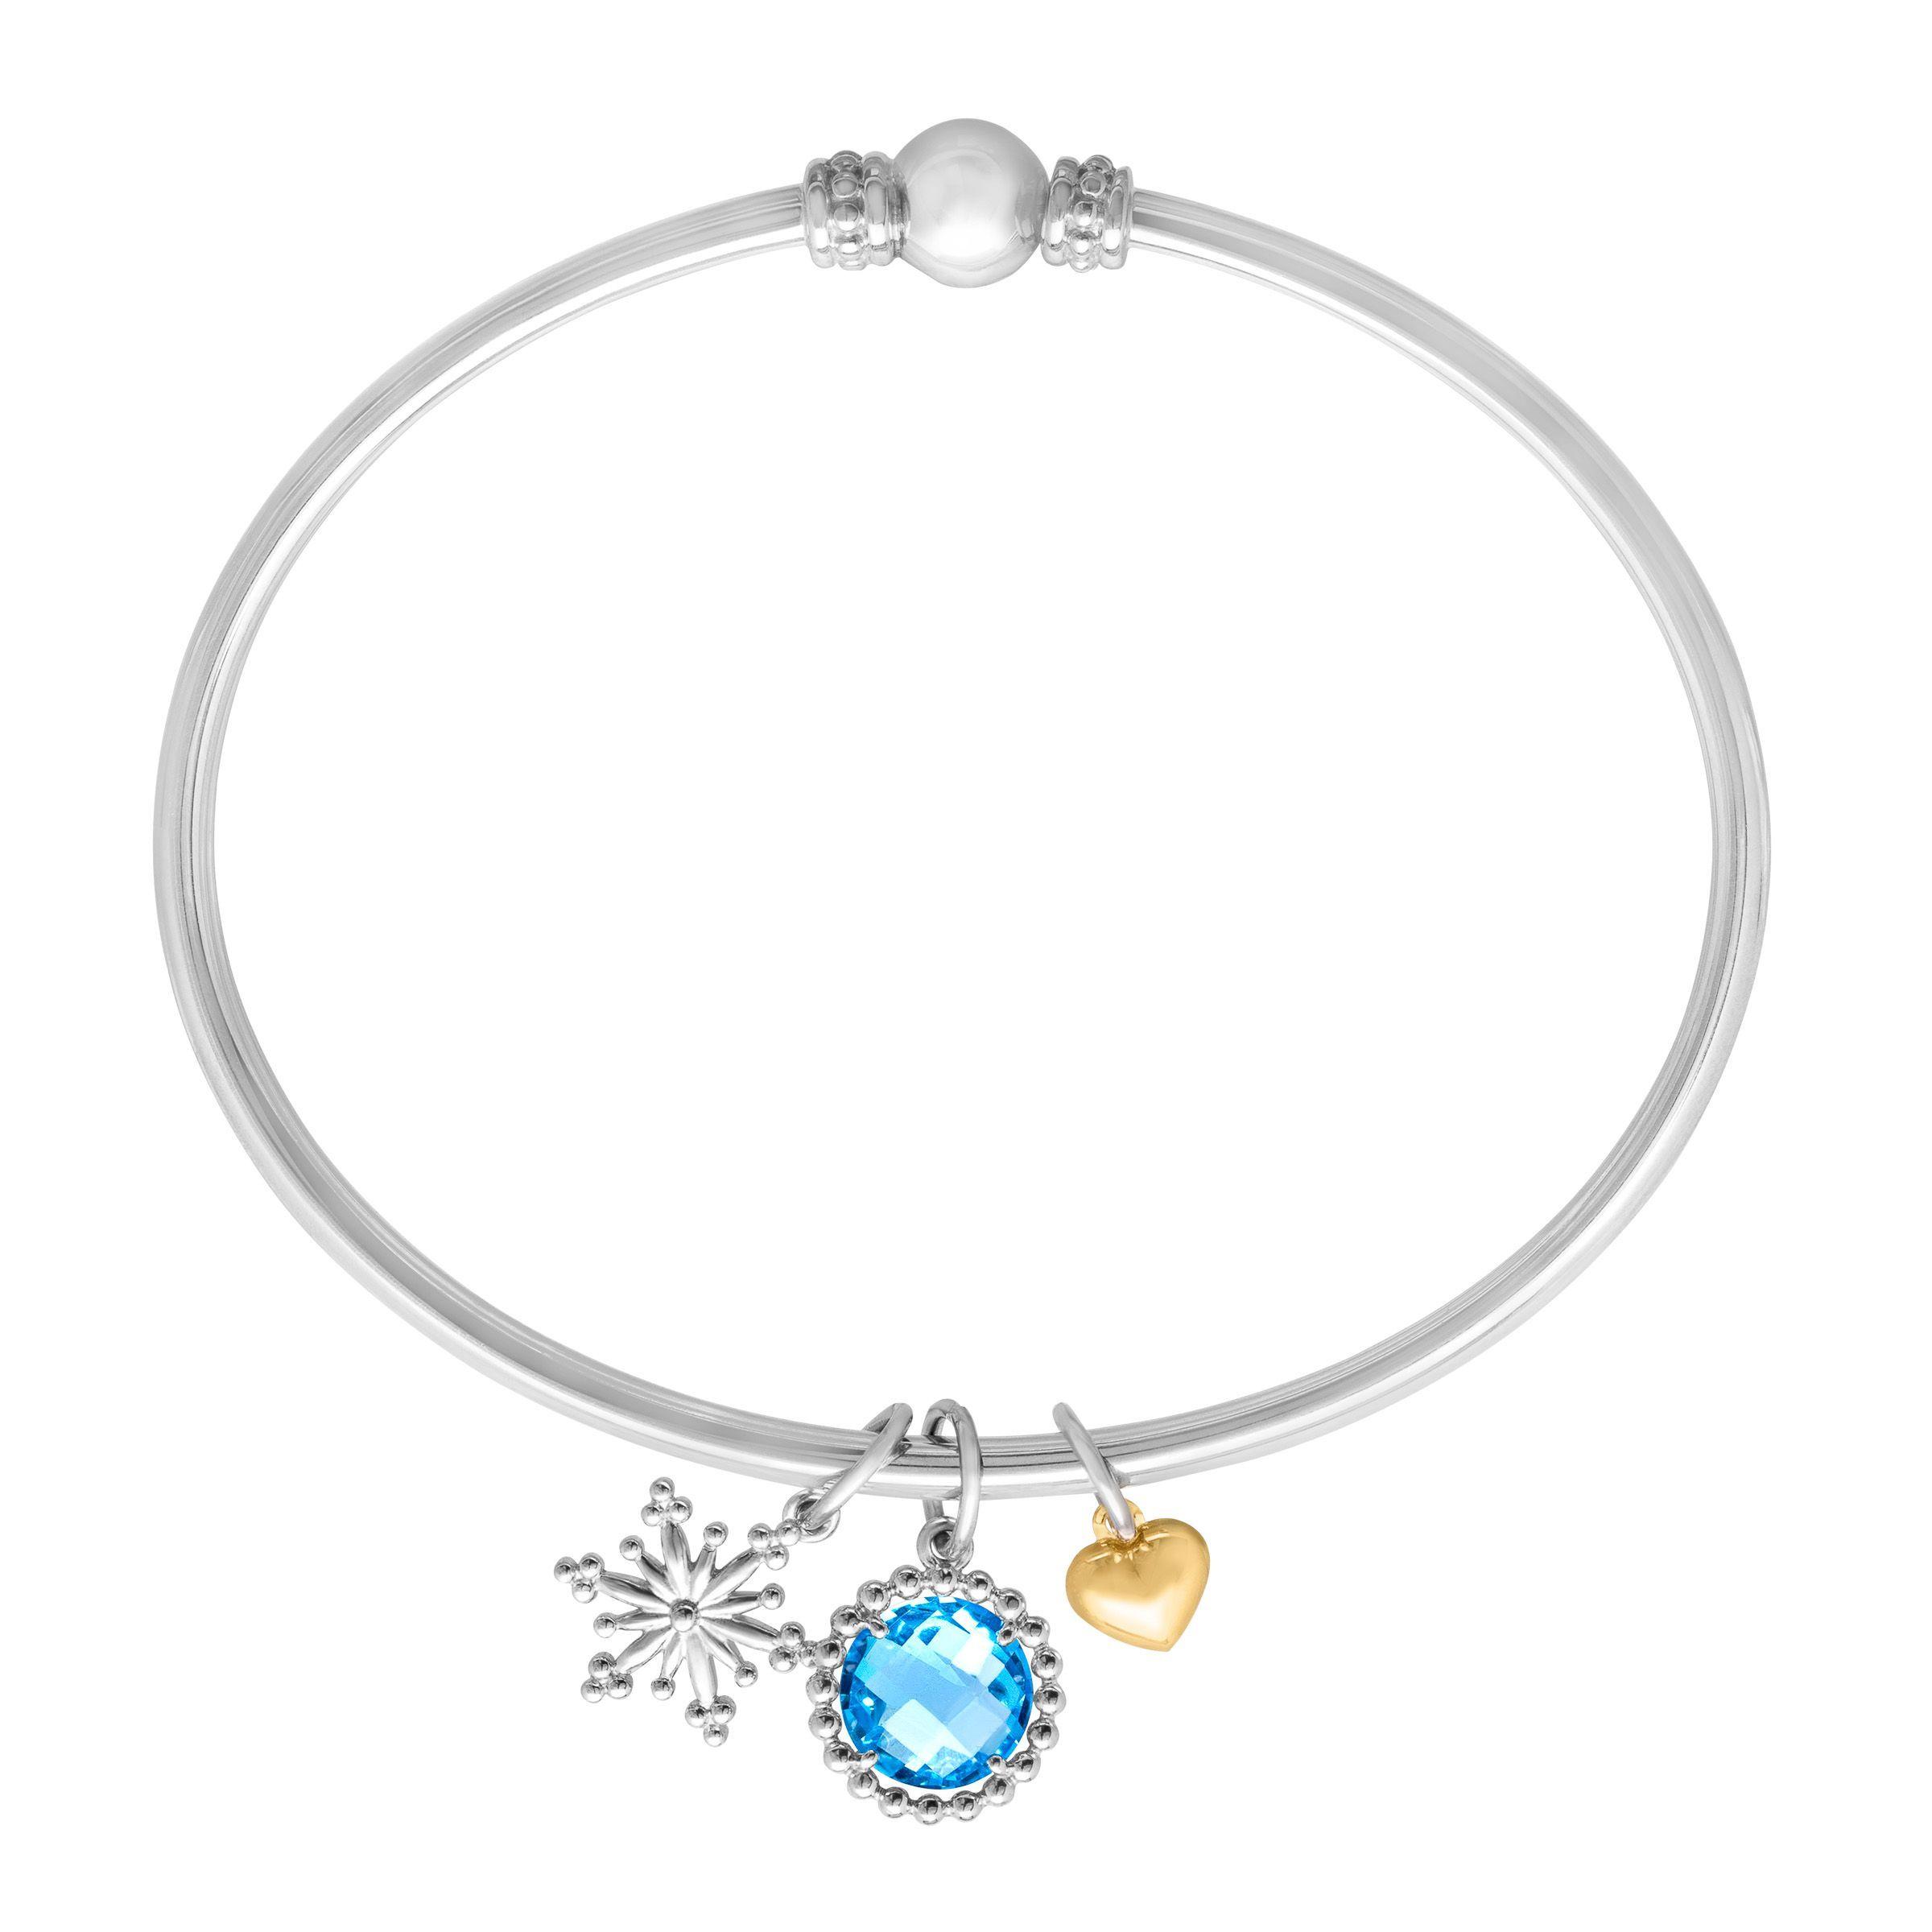 Snowflake Charm Bracelet: 2 1/4 Ct Swiss Blue Topaz Snowflake Charm Bangle Bracelet